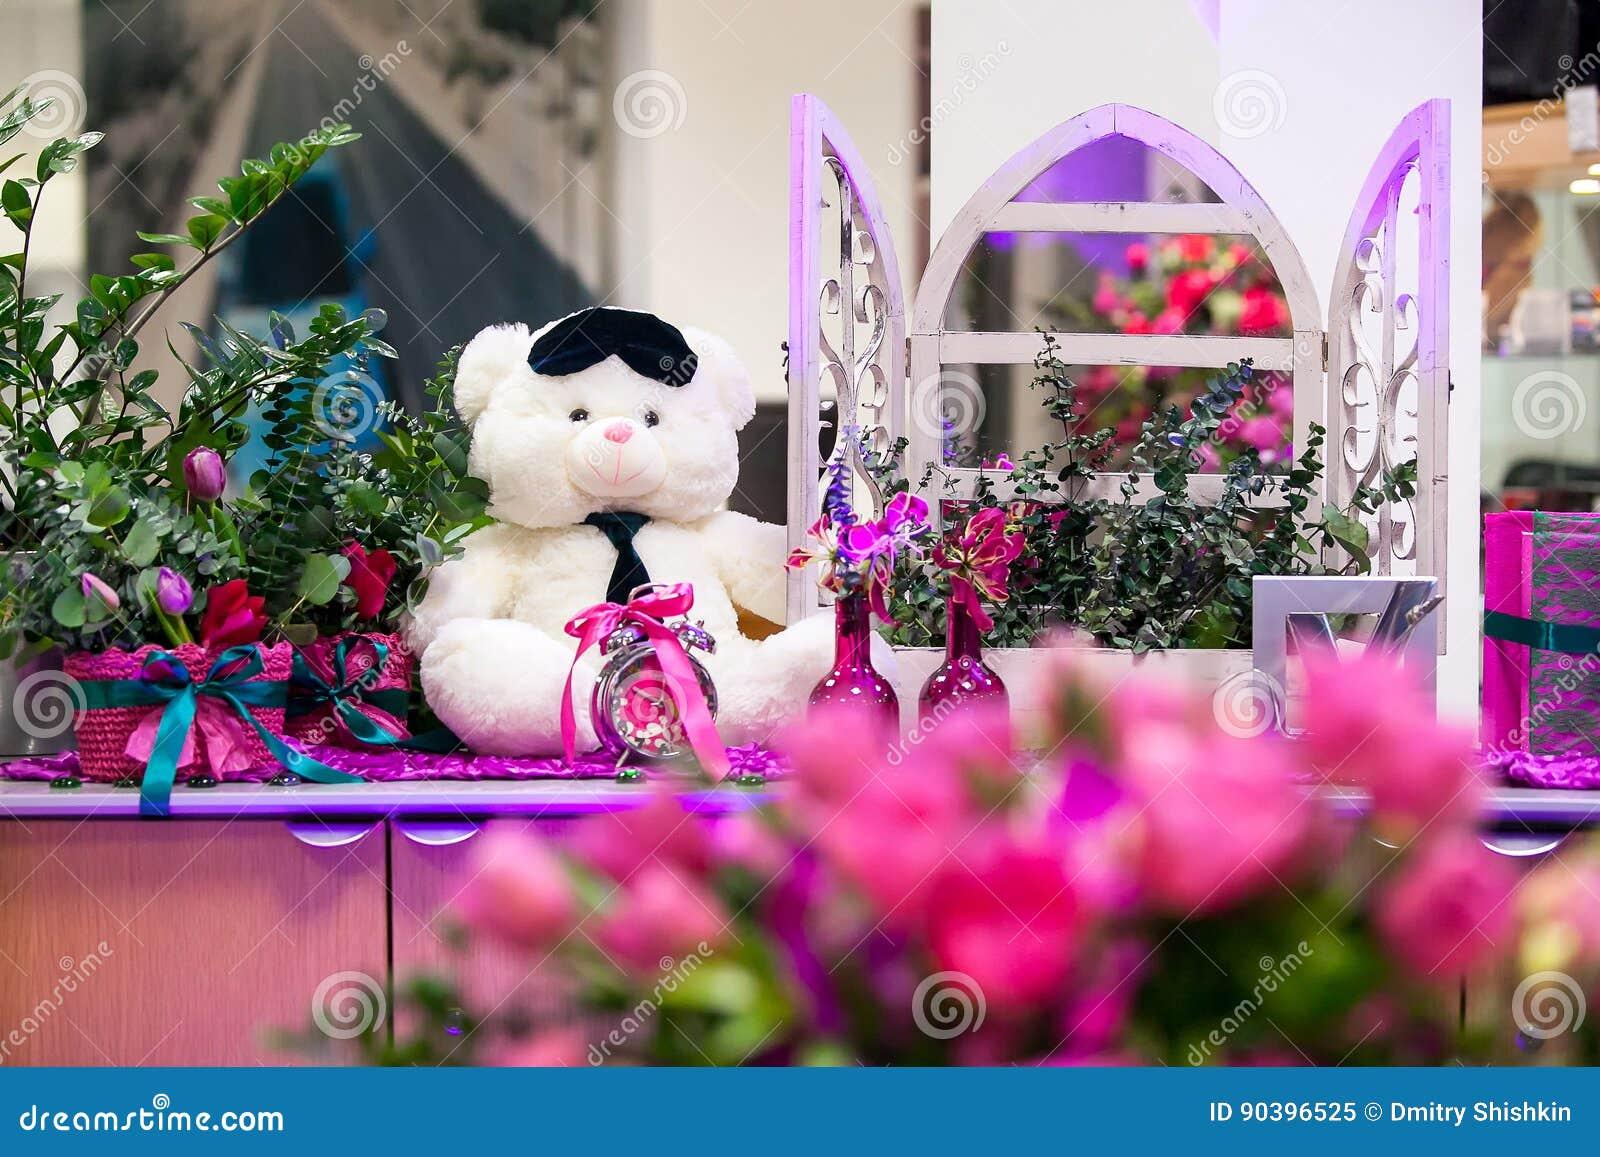 Декоративный белый медведь в интерьере